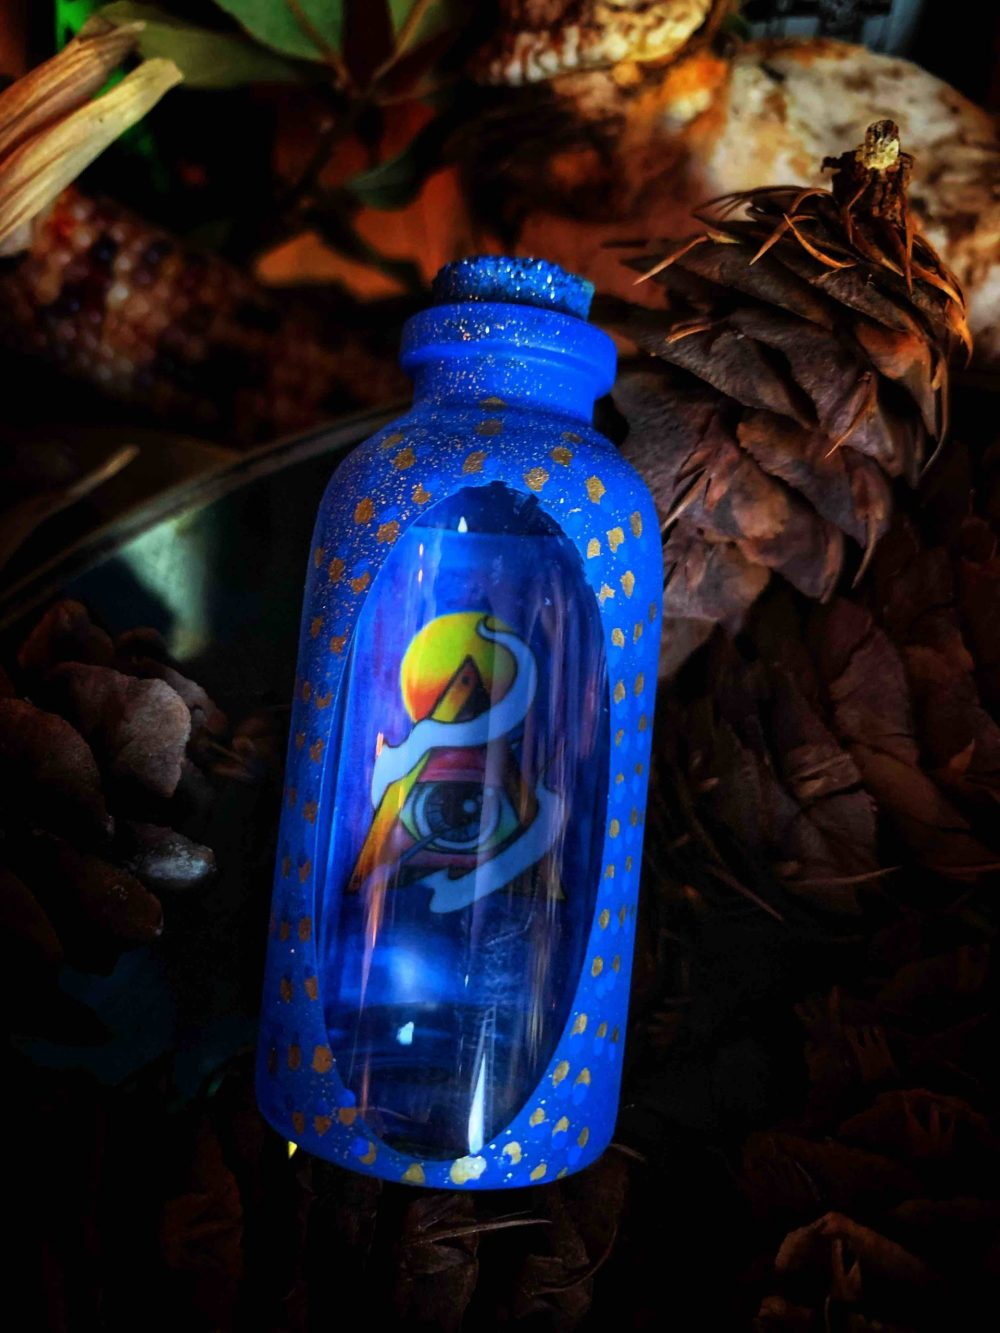 Bottle Spell Psychic Vision Dreaming